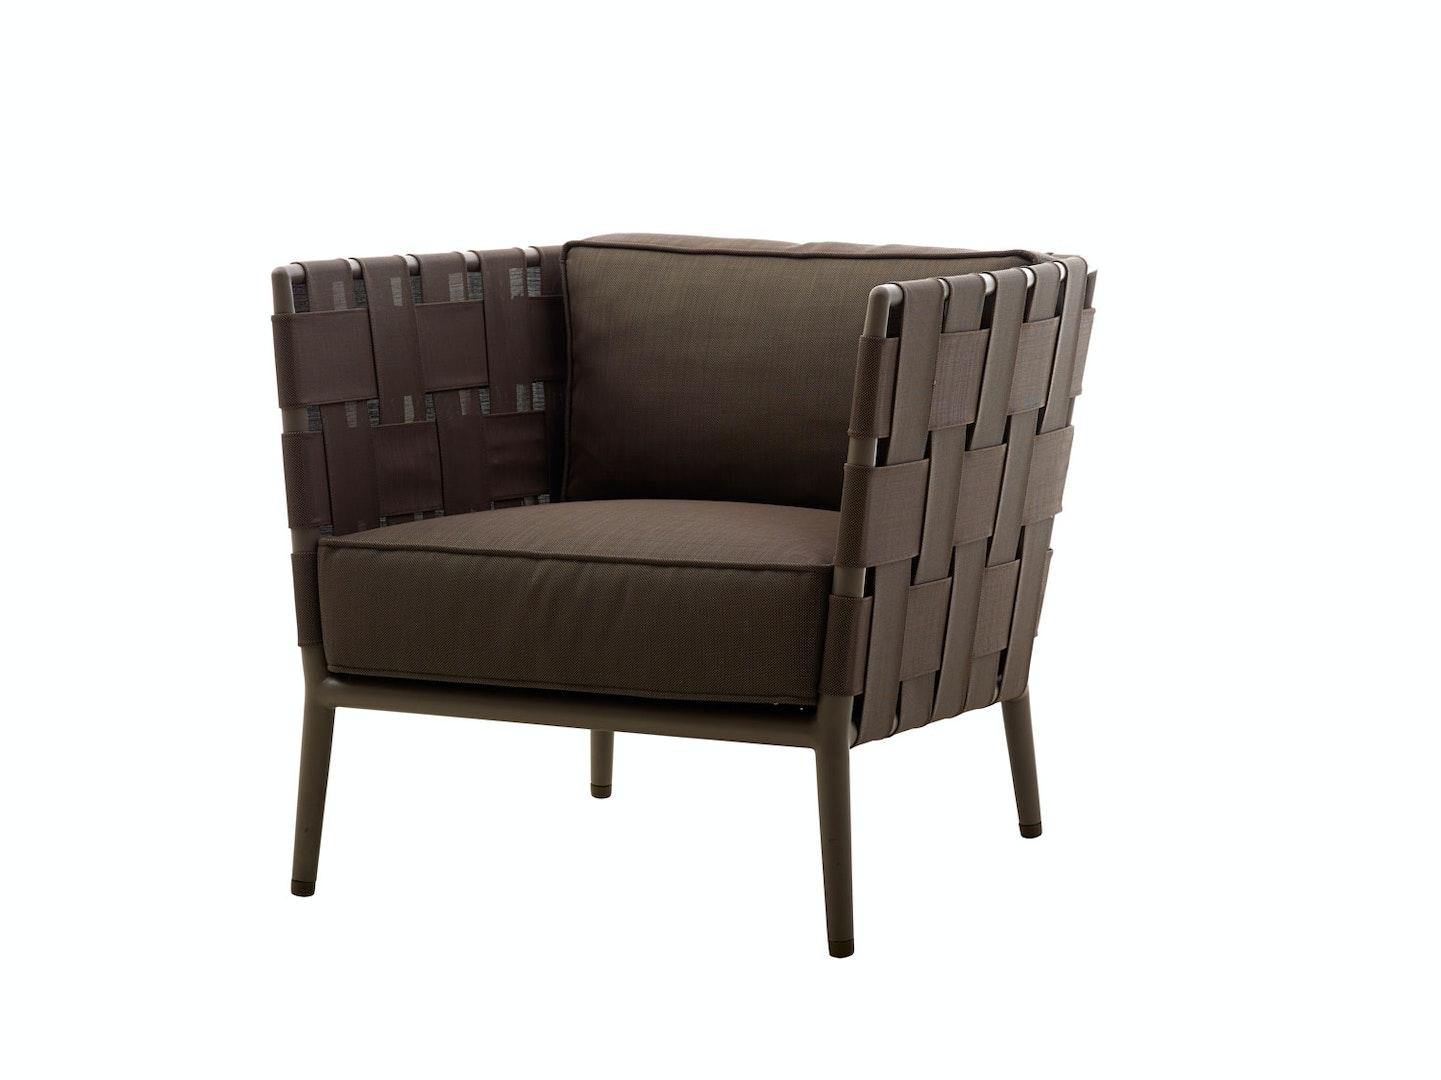 Modernistisk 48 nye hagemøbler som gjør uteplassen så mye stiligere! | Bo-bedre.no GR-69